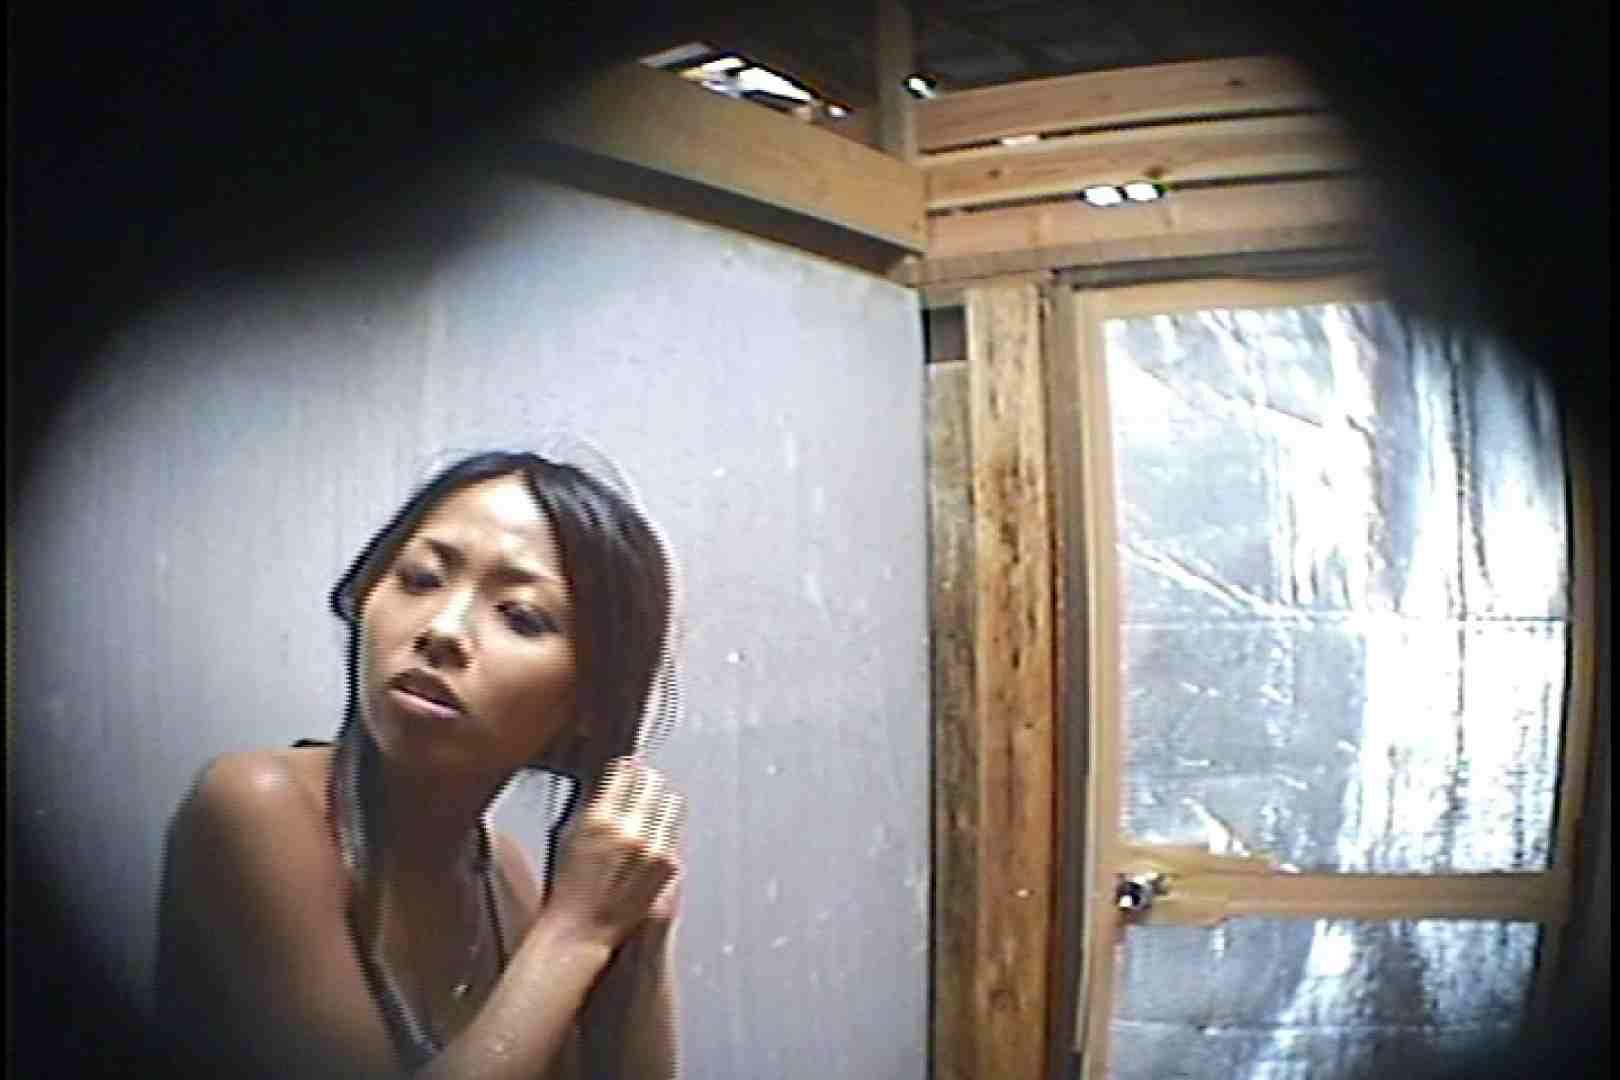 海の家の更衣室 Vol.45 ギャルズ オマンコ動画キャプチャ 78画像 20